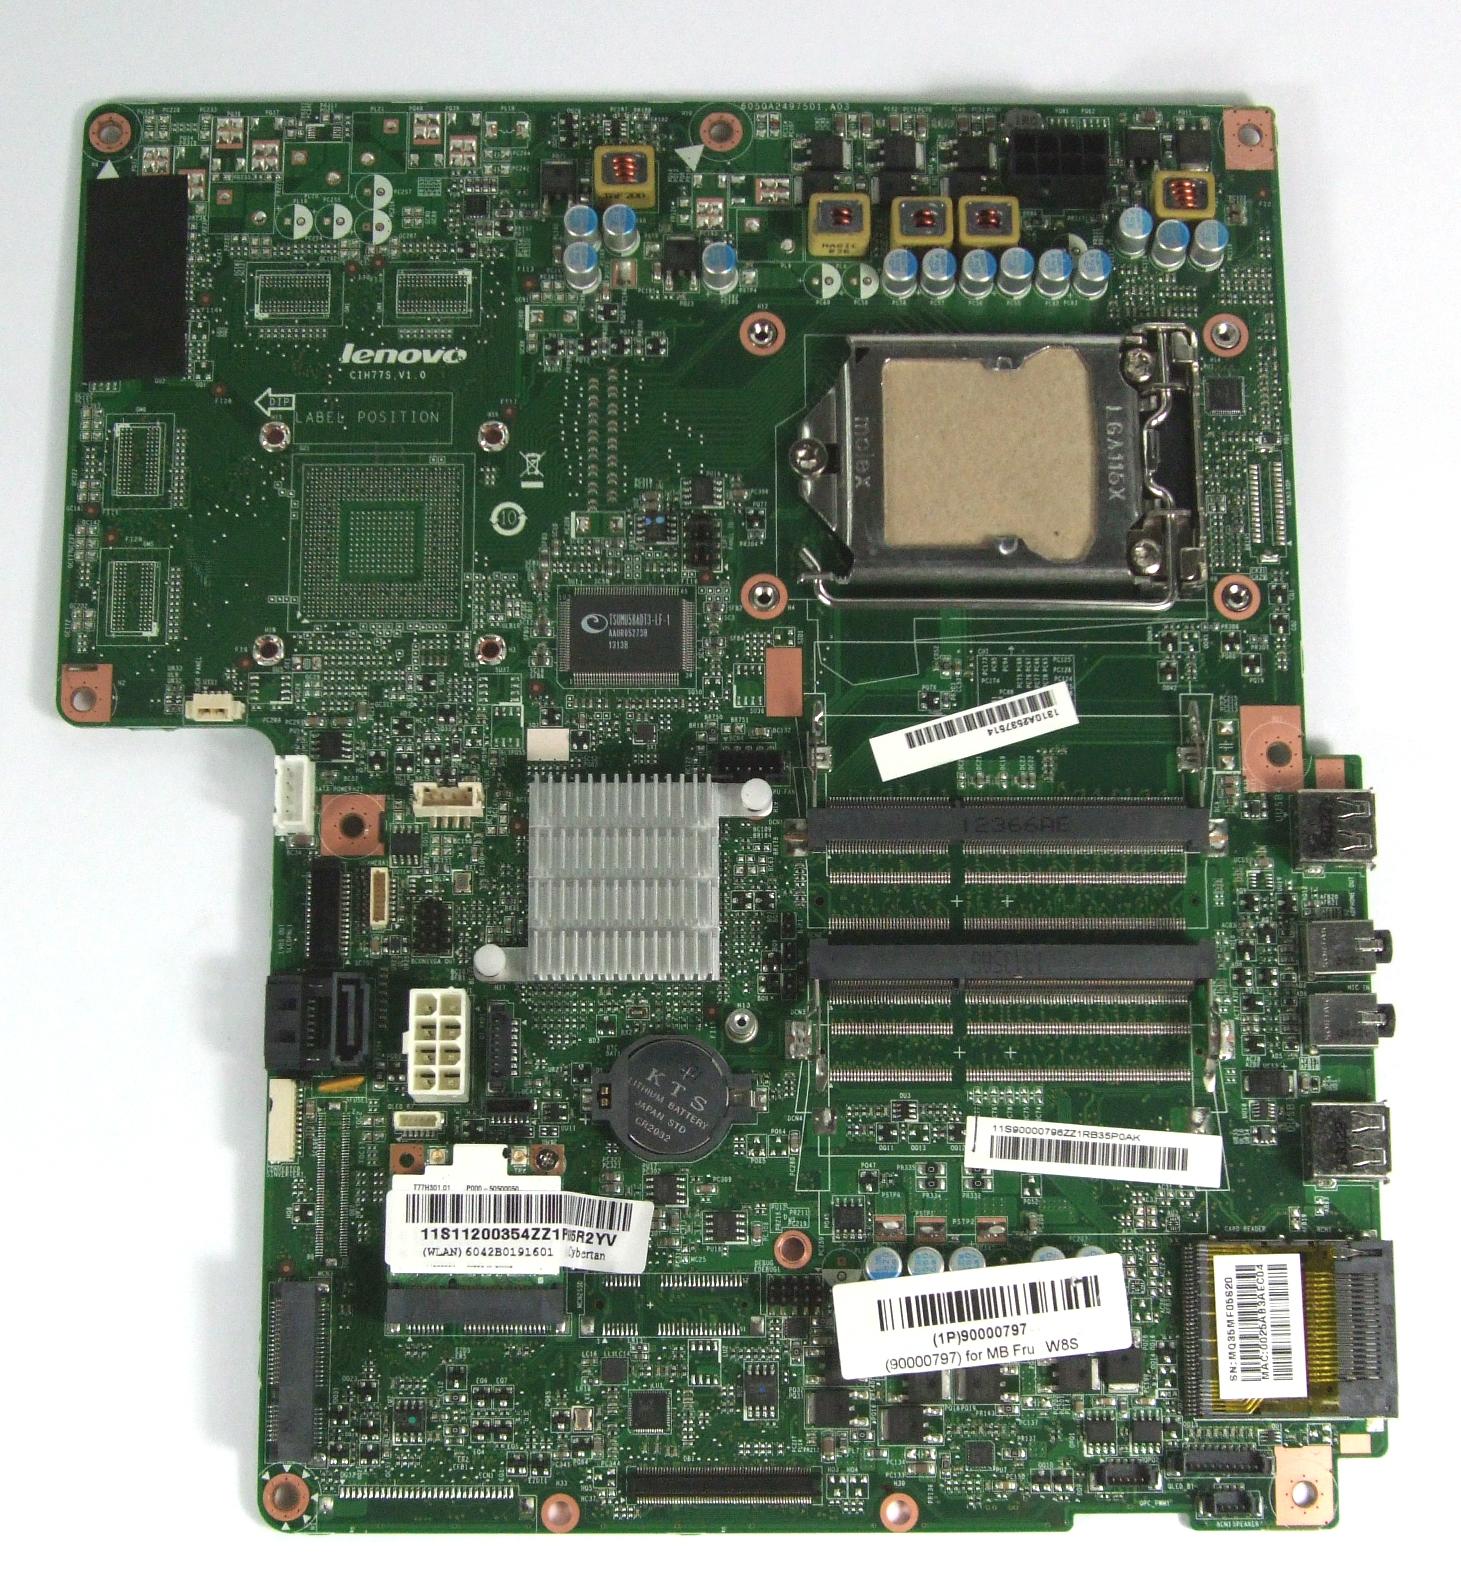 Lenovo CIH77S IdeaCenter B540P Motherboard - 1310A2537514 / 90000797